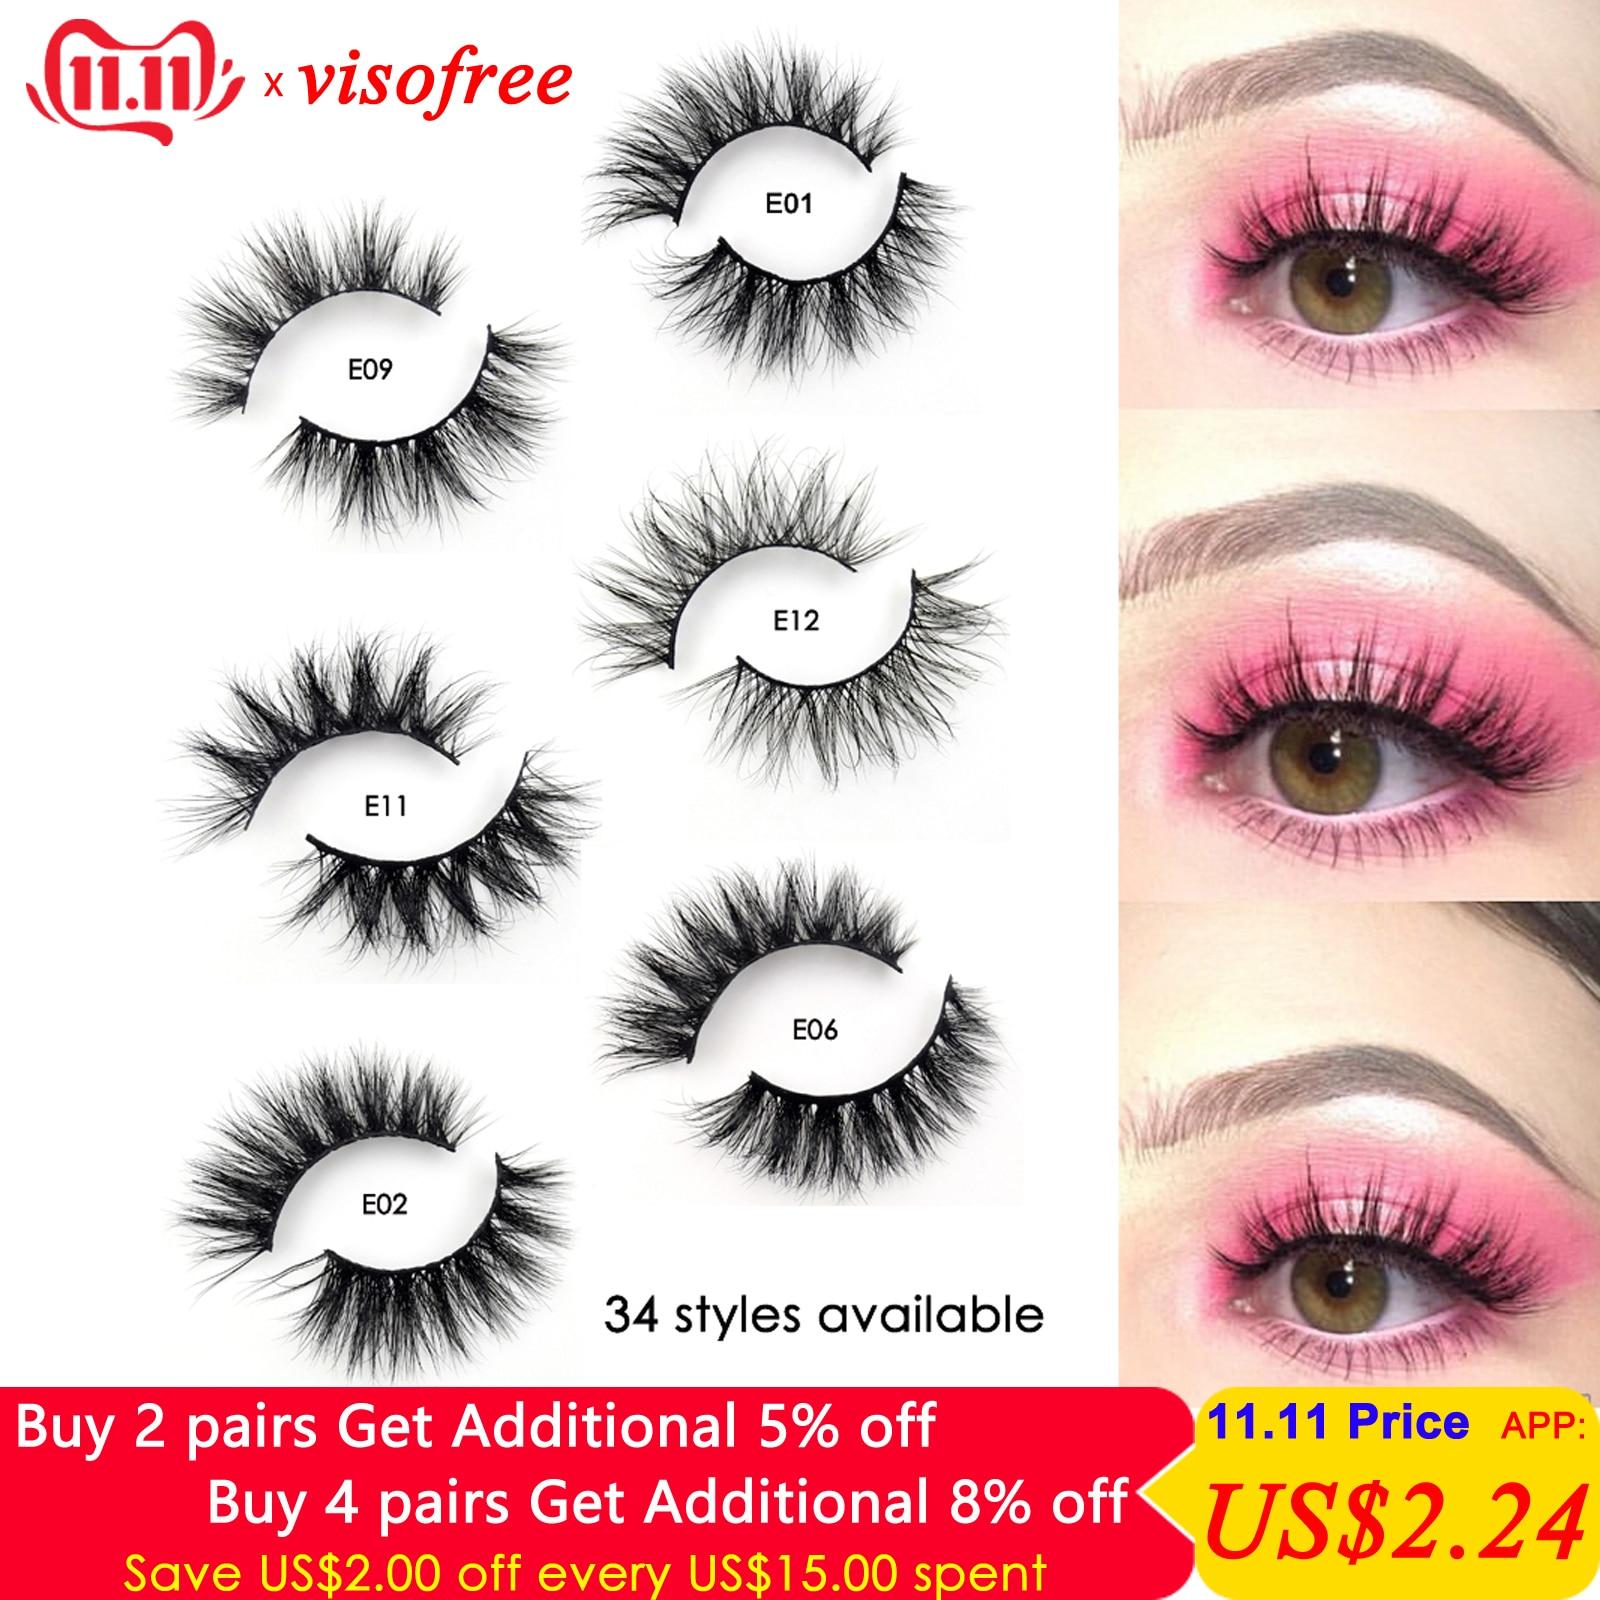 Visofree Mink Lashes 3D Mink Eyelashes 100% Cruelty free Lashes Handmade Reusable Natural Eyelashes Popular False Lashes Makeup-in False Eyelashes from Beauty & Health